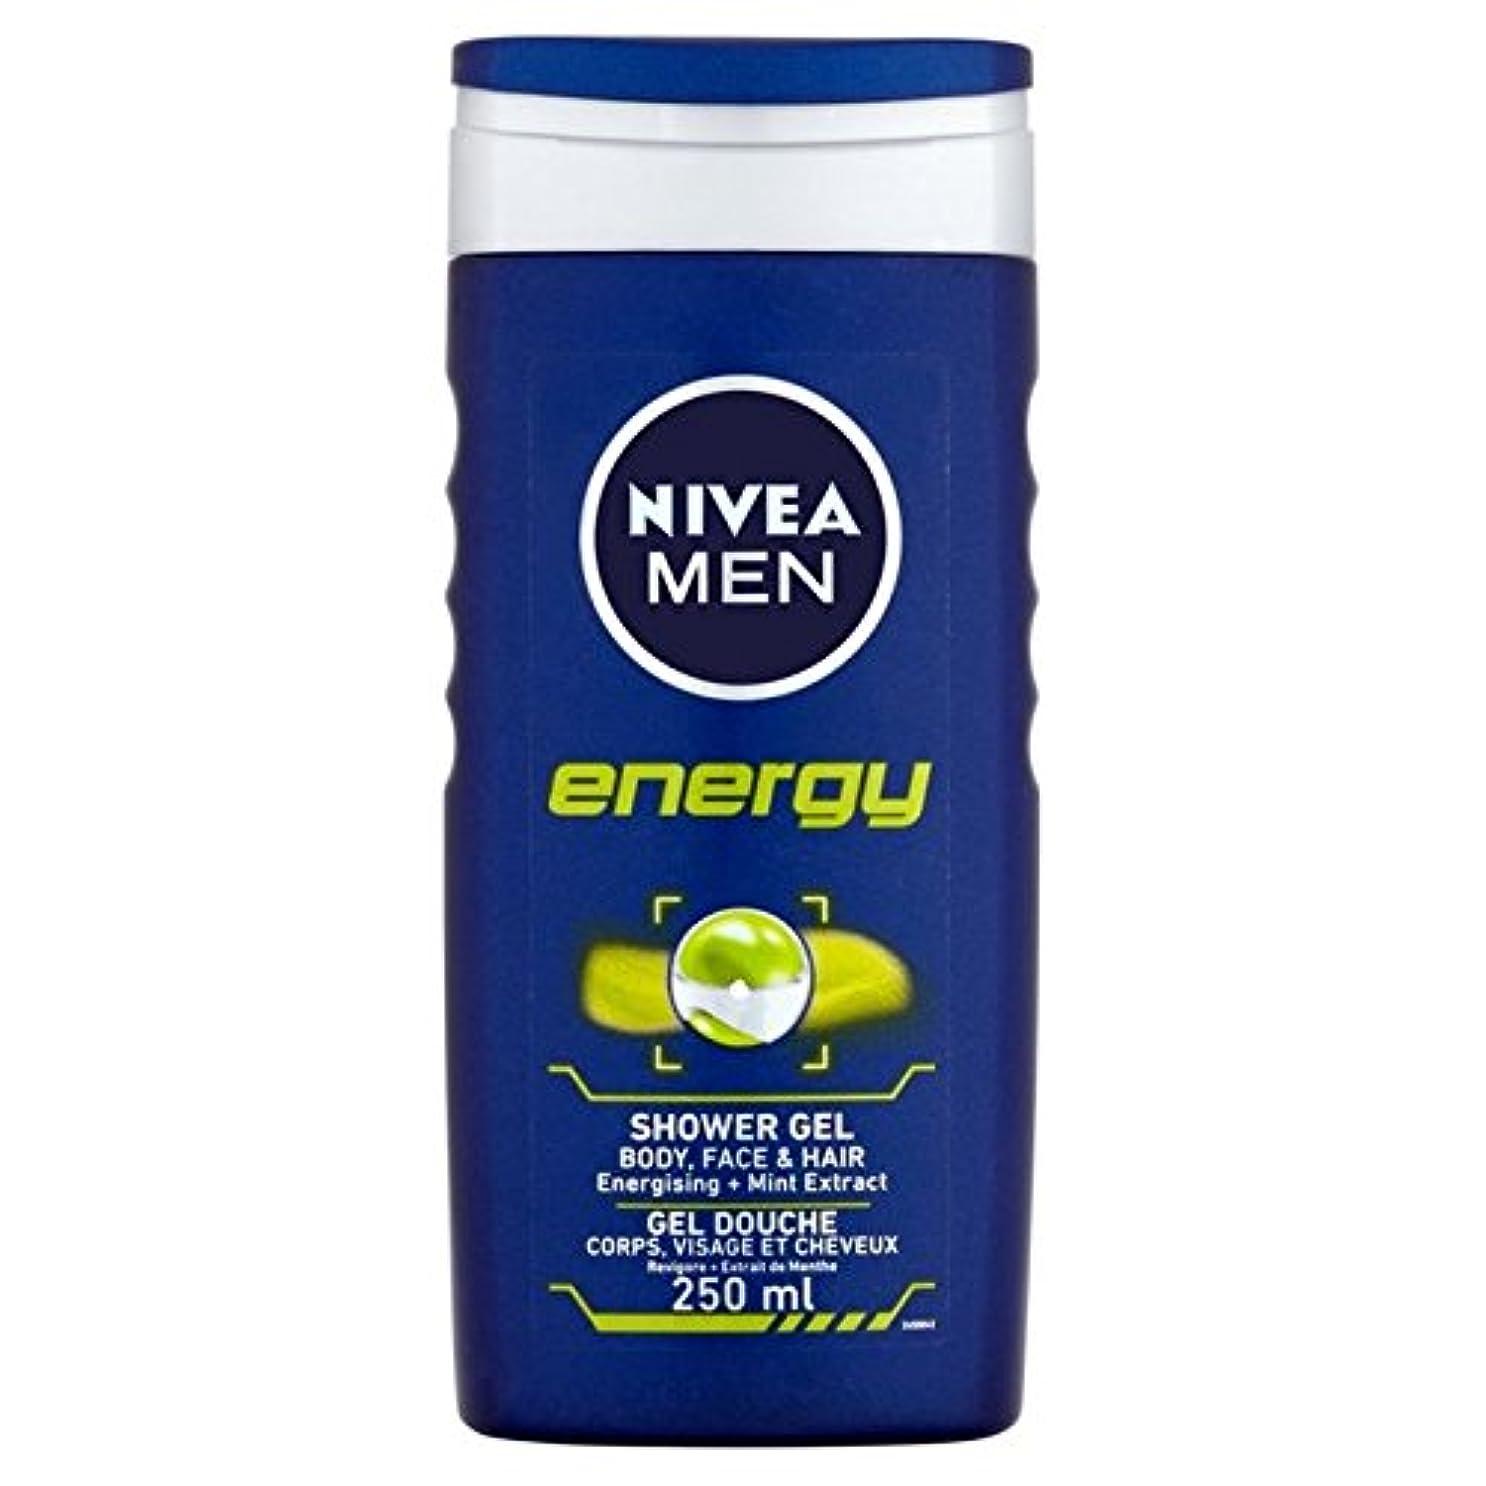 民主党かなり雪のNivea Men Energy 2 in 1 Shower 250ml - 1つのシャワー250ミリリットル中ニベアの男性のエネルギー2 [並行輸入品]